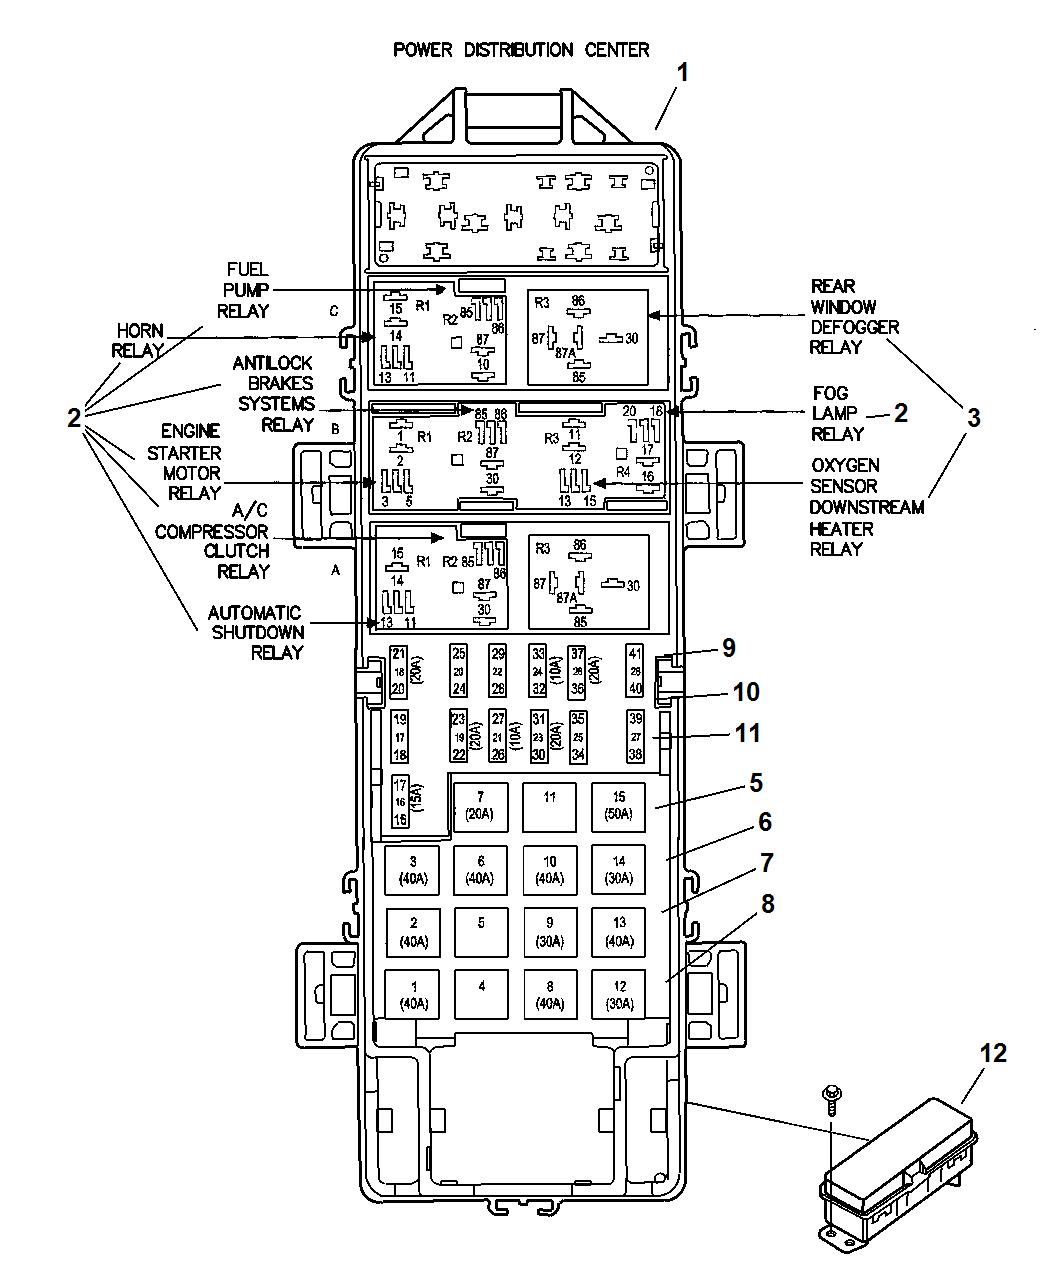 [SCHEMATICS_48EU]  ST_3696] 04 Wrangler Fuse Diagram Schematic Wiring | 1196 Jeep Cherokee Dash Wiring |  | Boapu Wigeg Mohammedshrine Librar Wiring 101